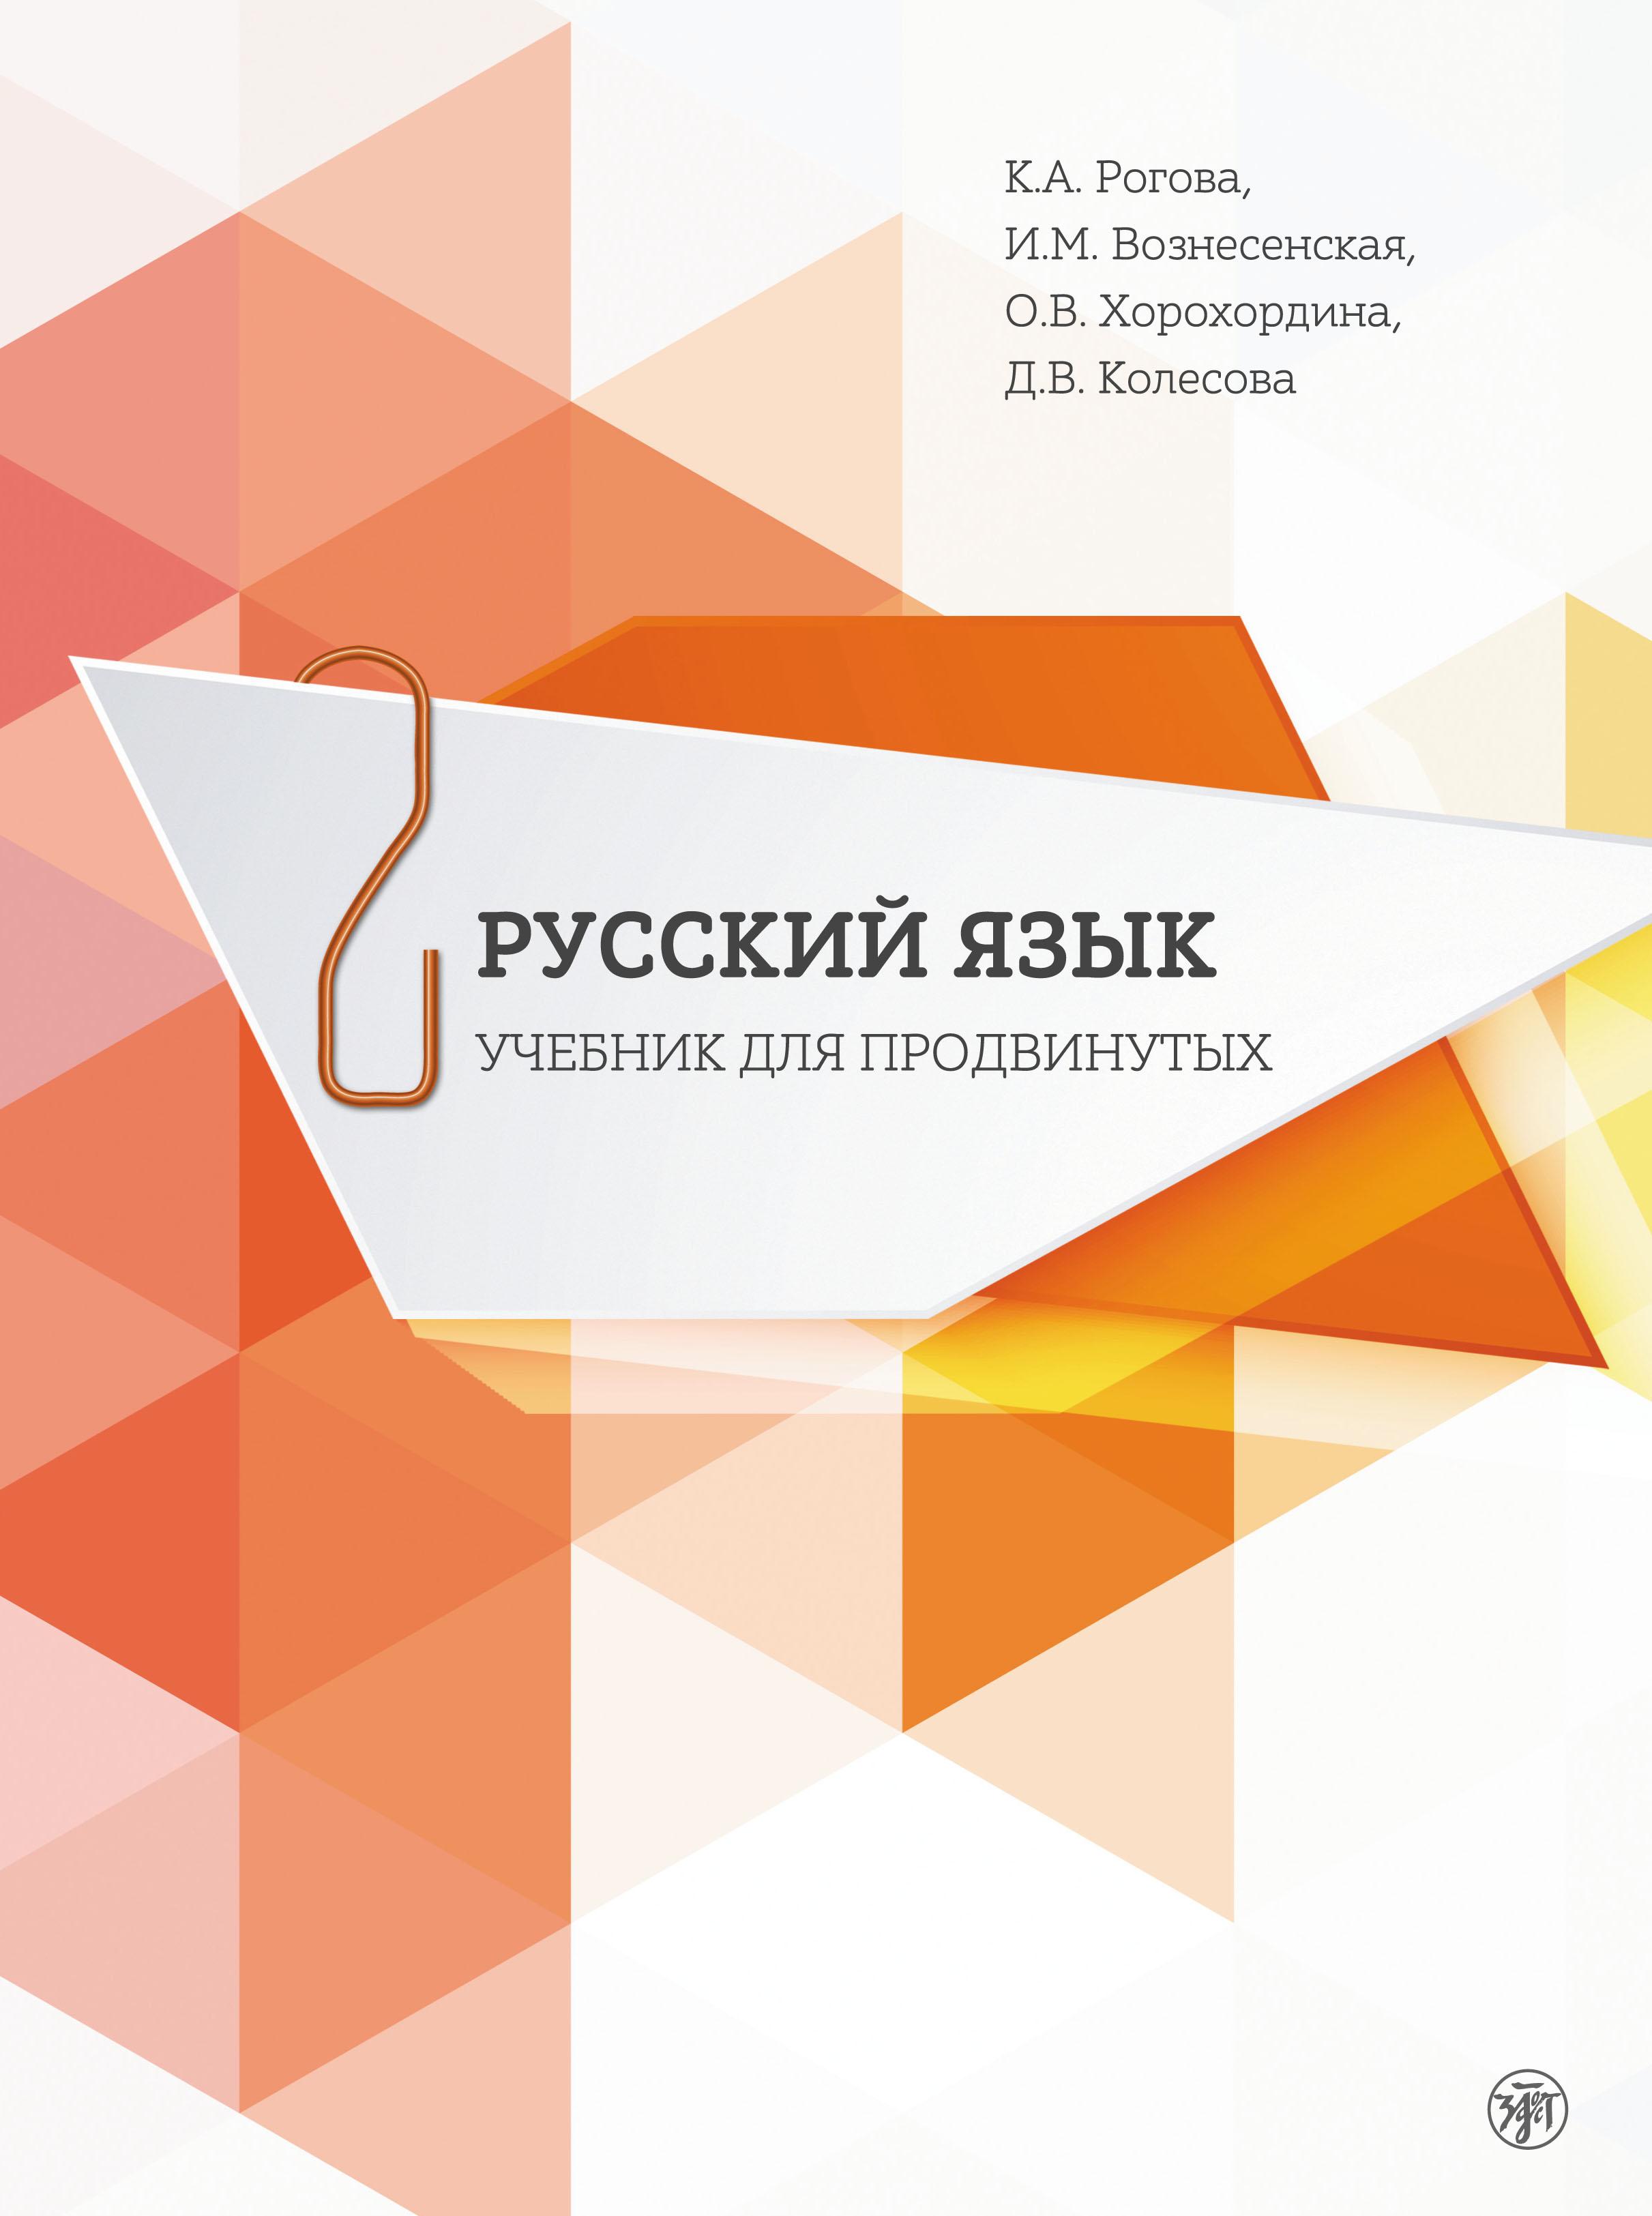 Русский язык. Учебник для продвинутых. Выпуск 2